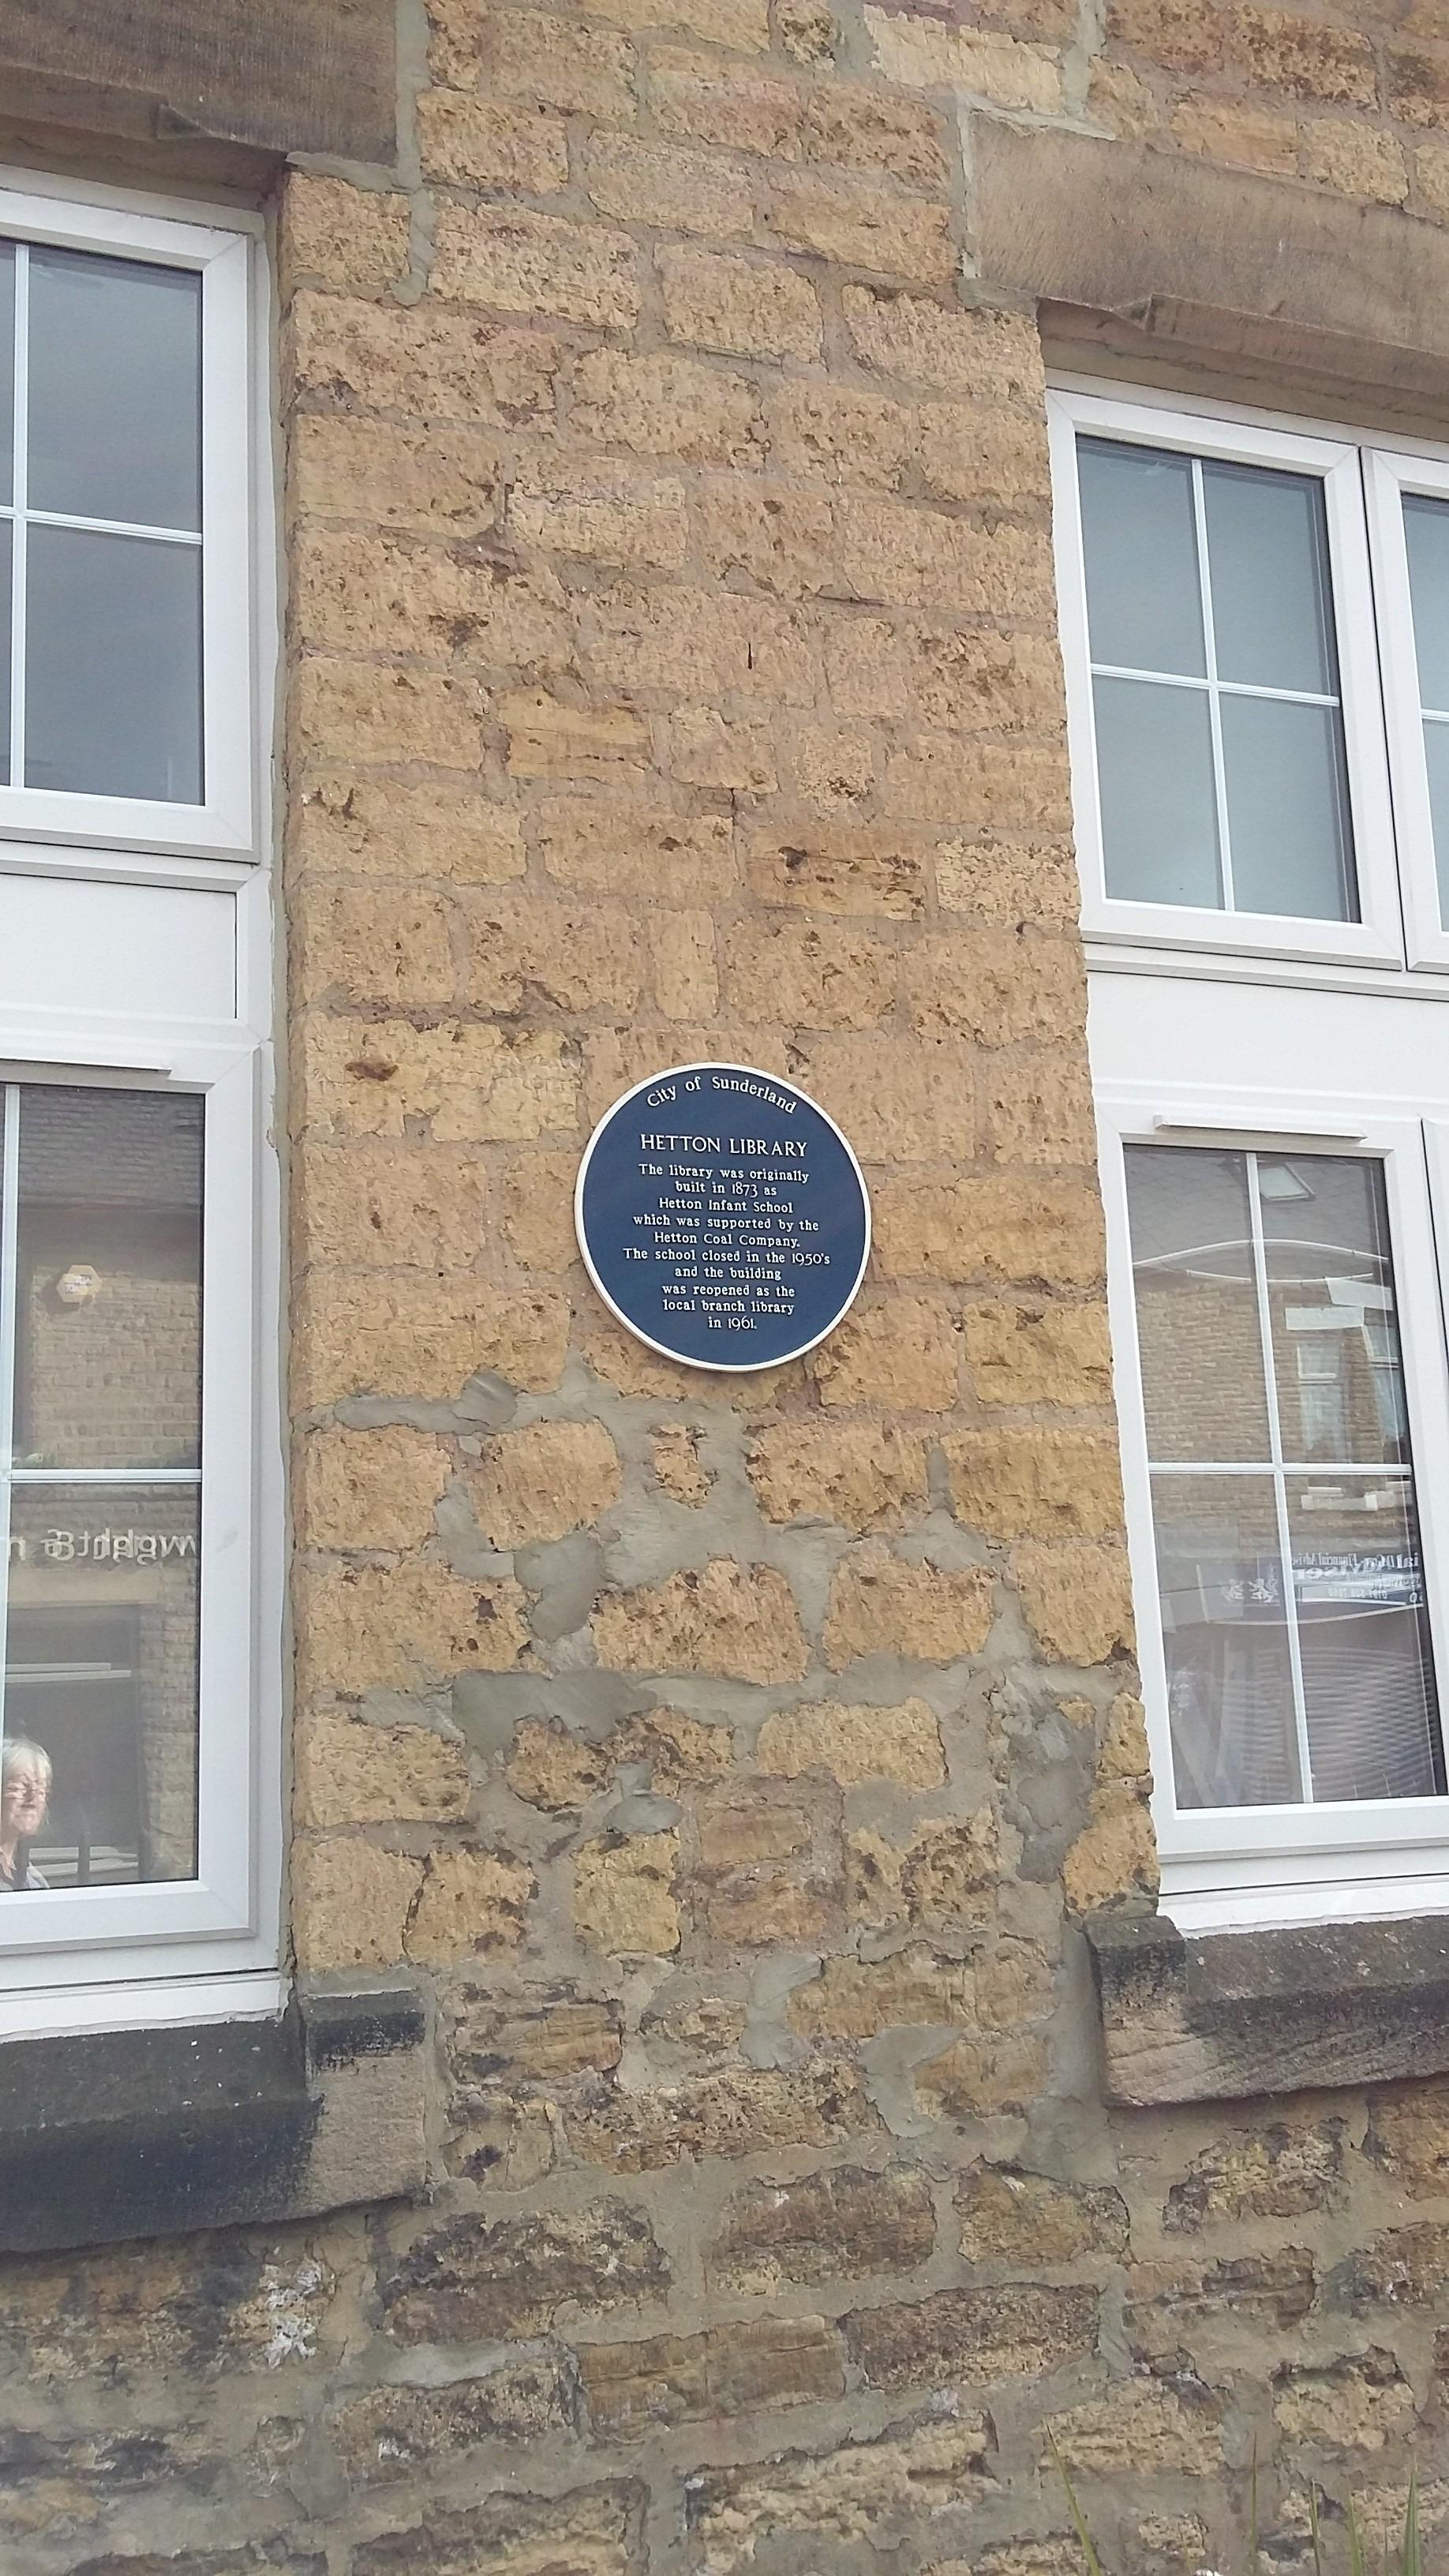 1872 school house